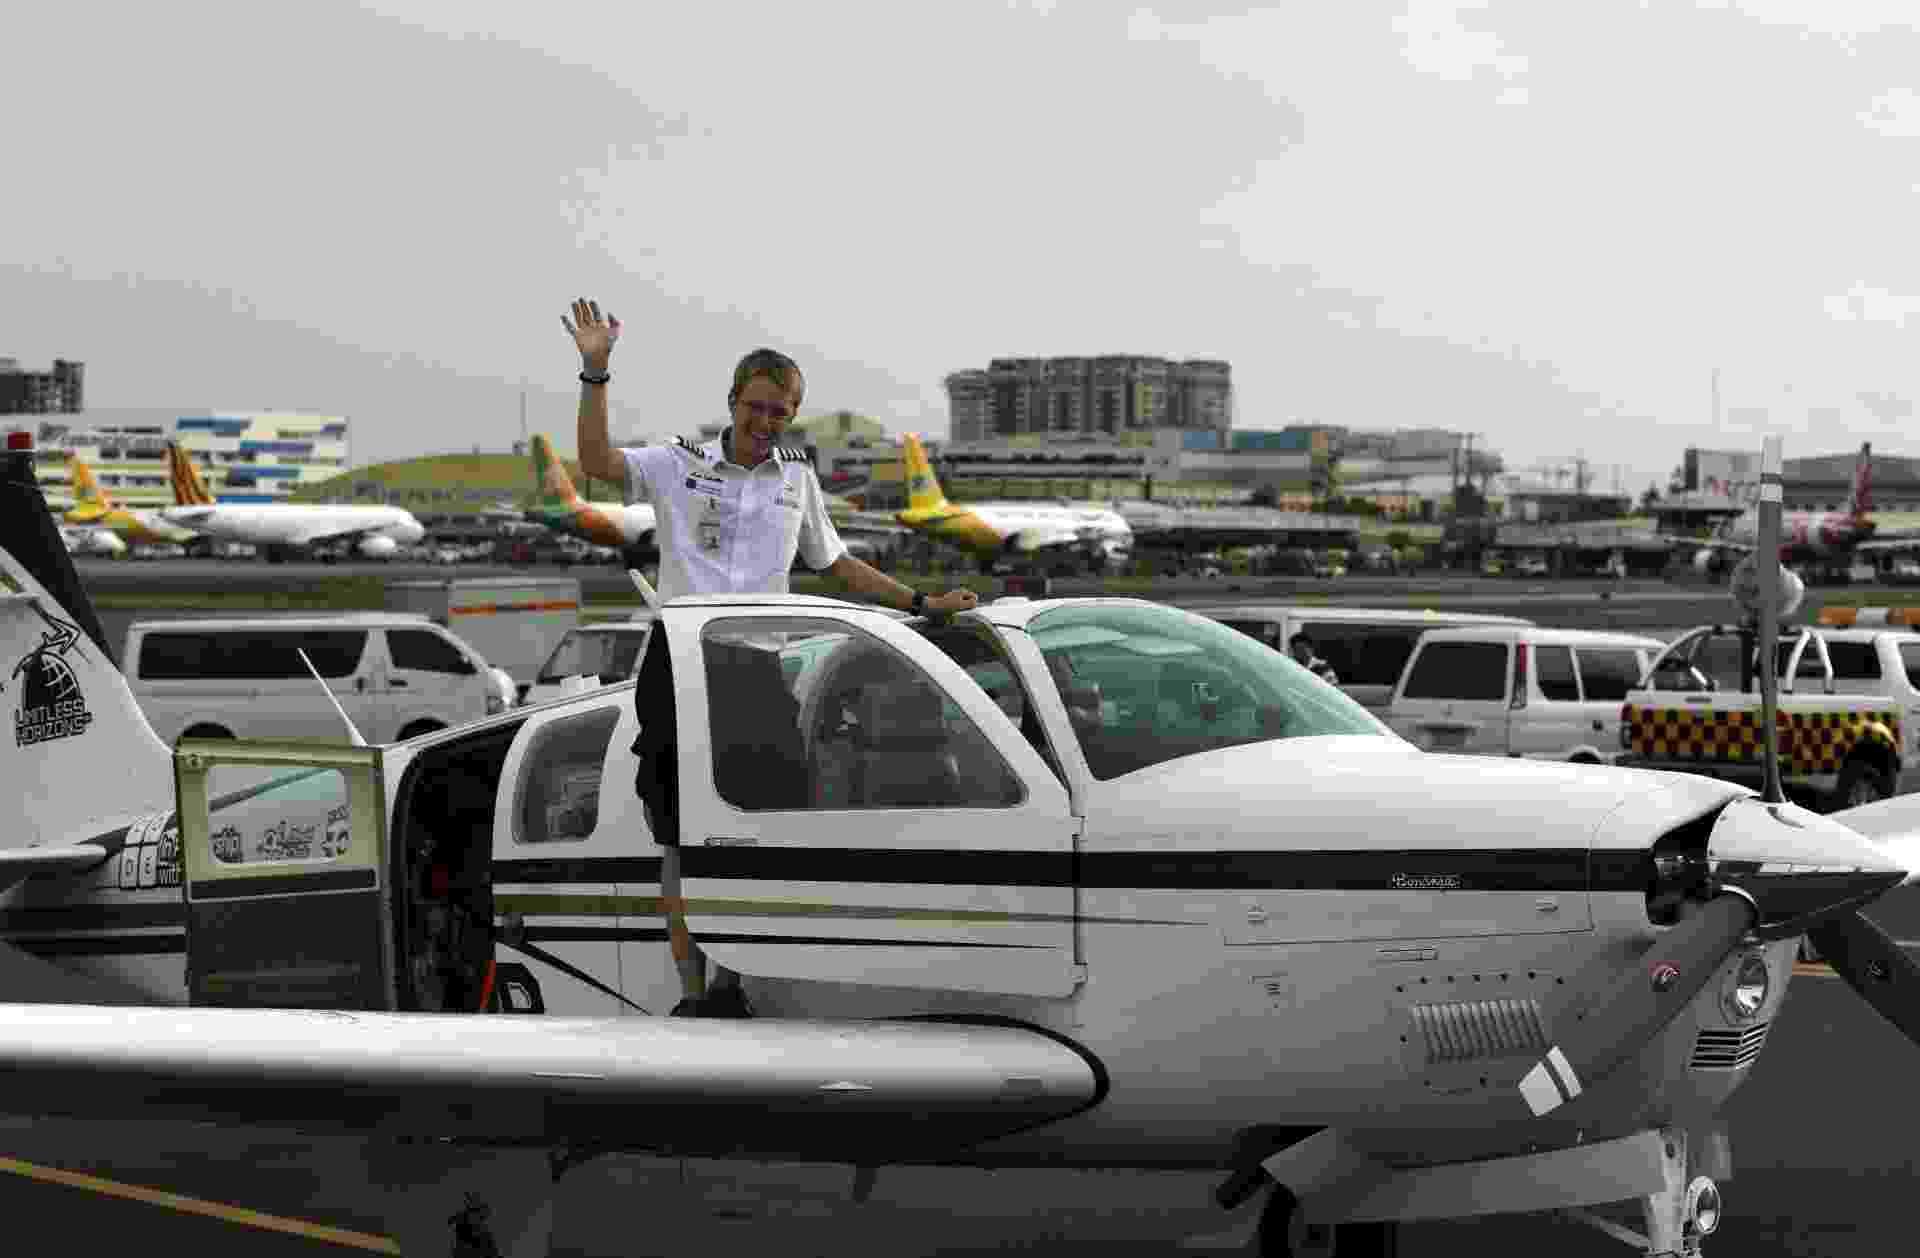 1º.jul.2014 - Matthew chegou nesta terça (01) a Manila, capital das Filipinas, uma das escalas em sua jornada em busca do recorde mundial - Francis R Malasig/EFE